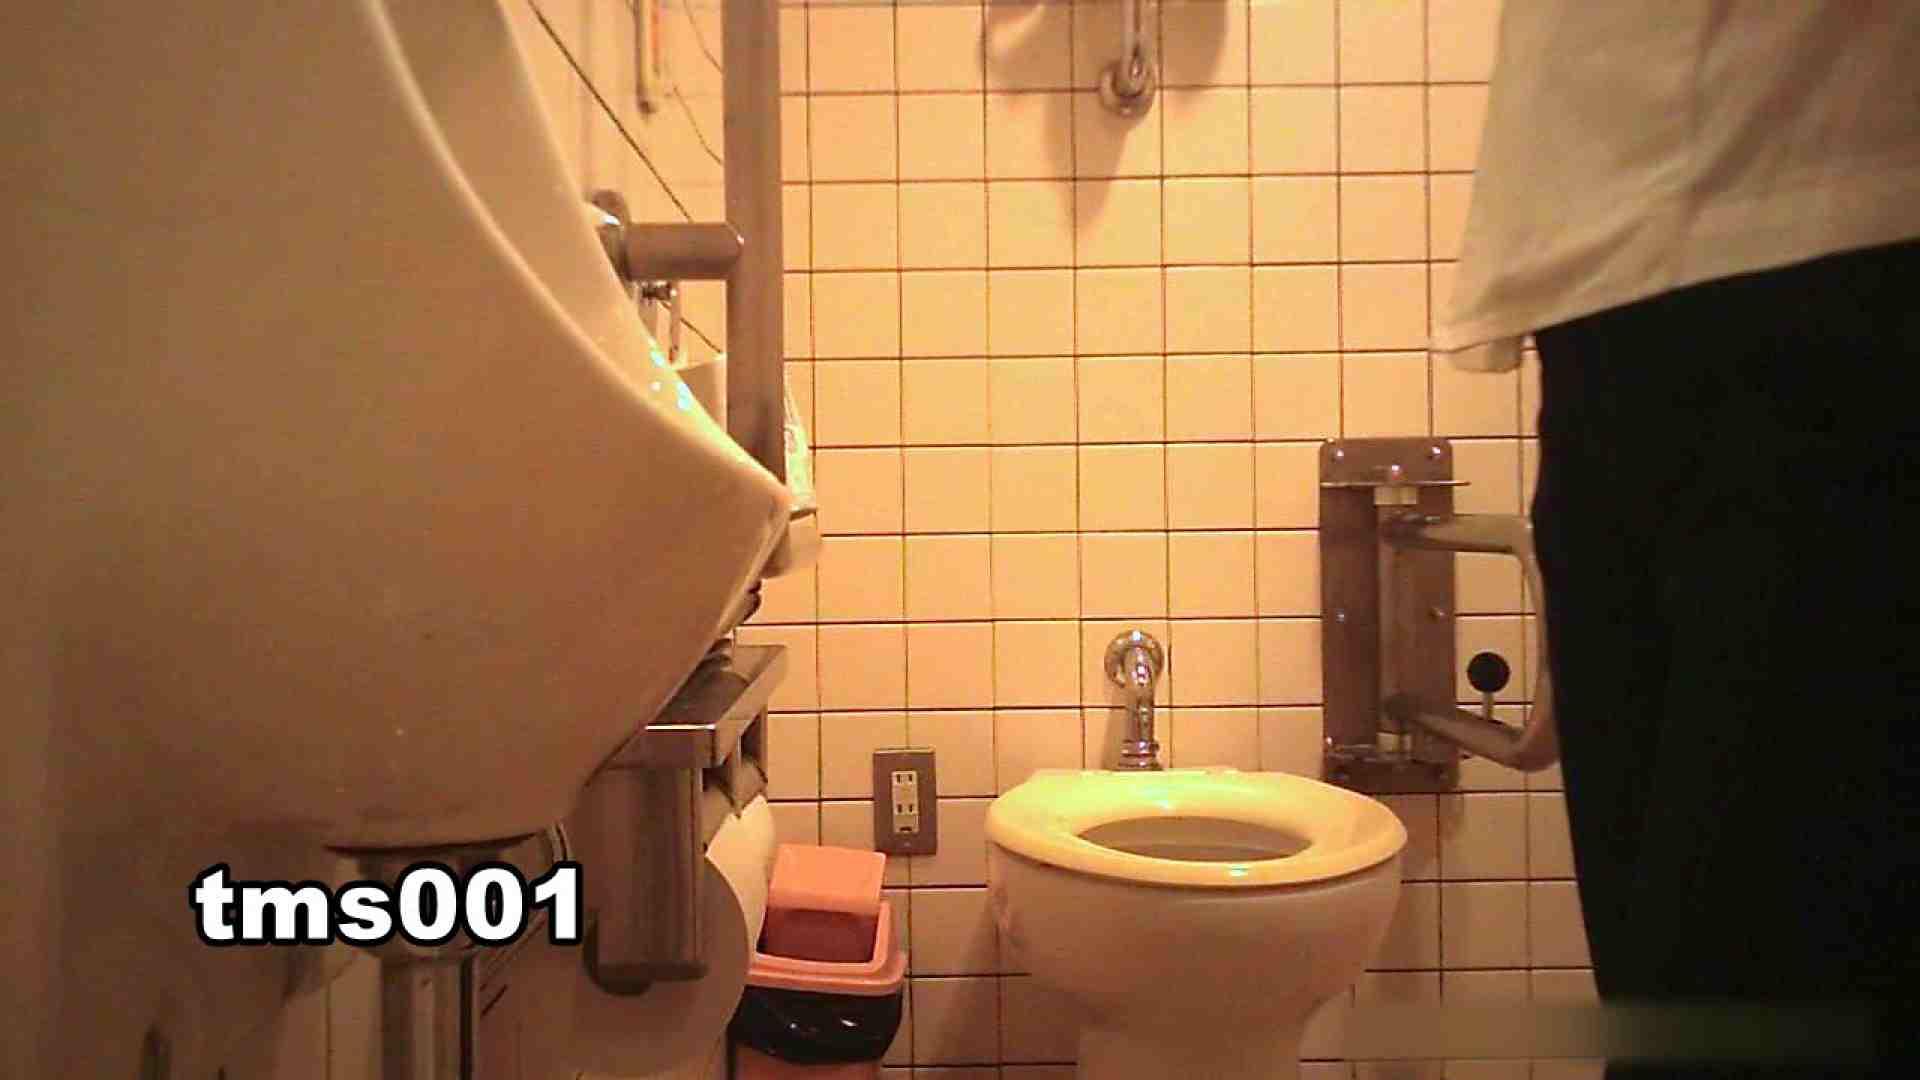 トイメンの割れ目 vol.001 丸見え AV無料動画キャプチャ 91画像 77